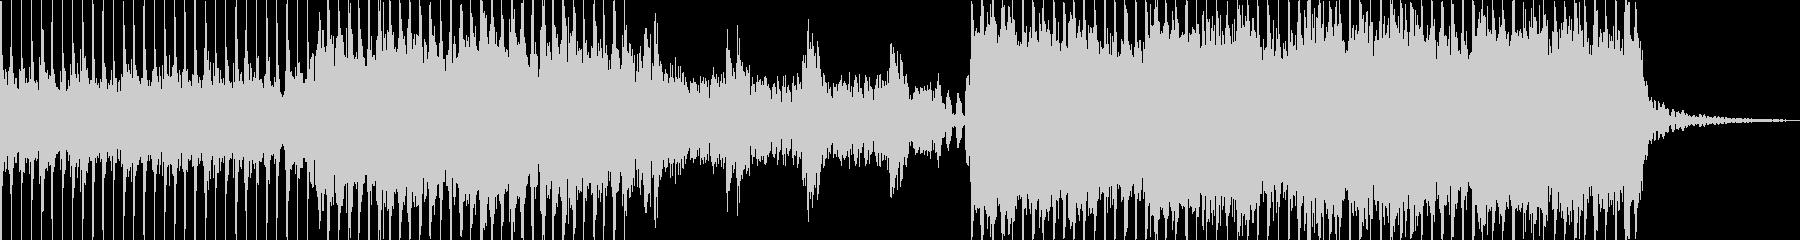 ロック、ポップ、デジタル、ヴォーカルの未再生の波形